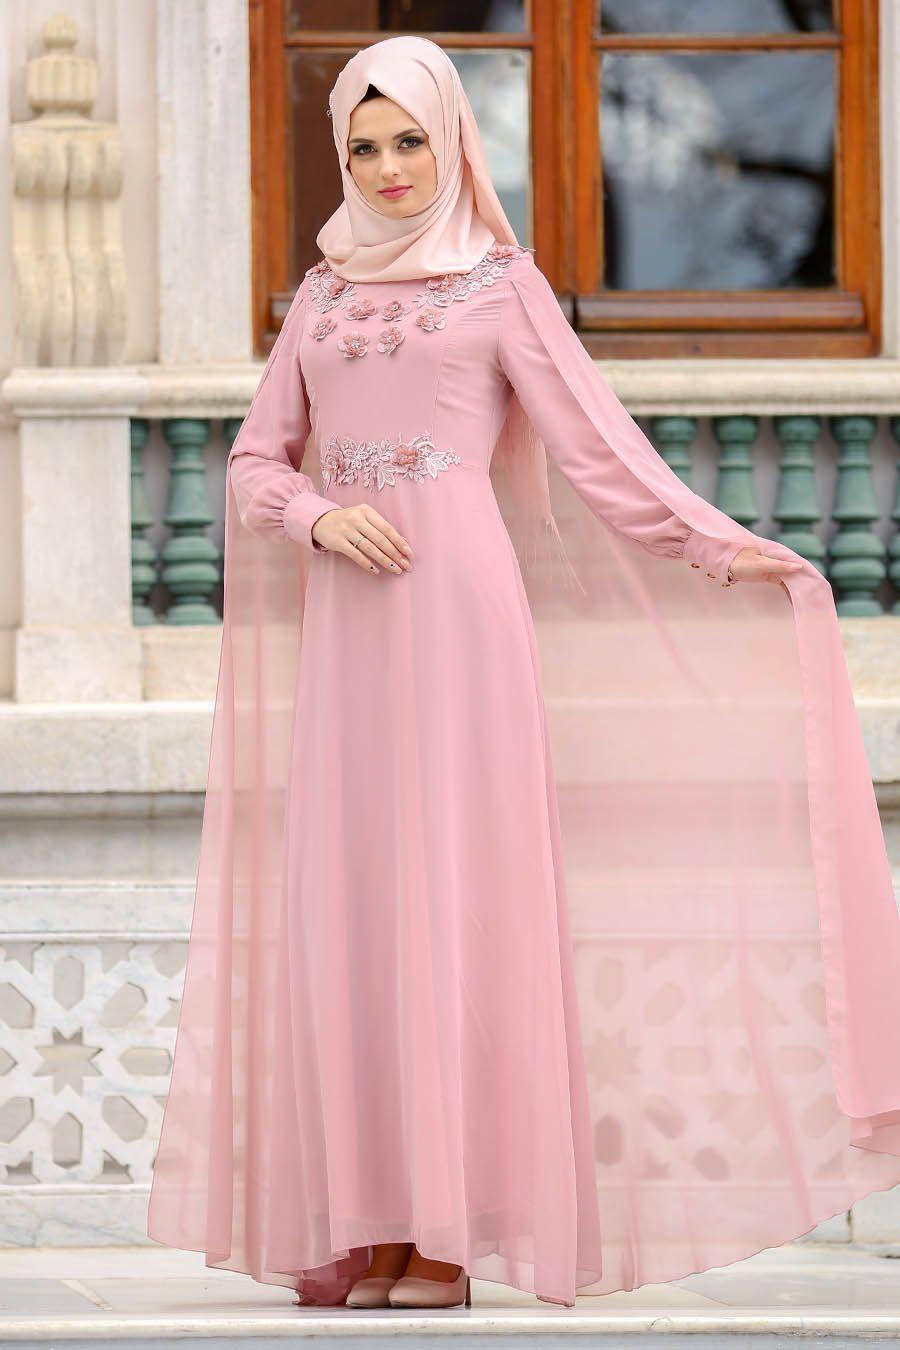 e9a4b271c2e25 2018 Neva Style Şık Tesettür Abiye Elbise Modelleri - Moda Tesettür Giyim